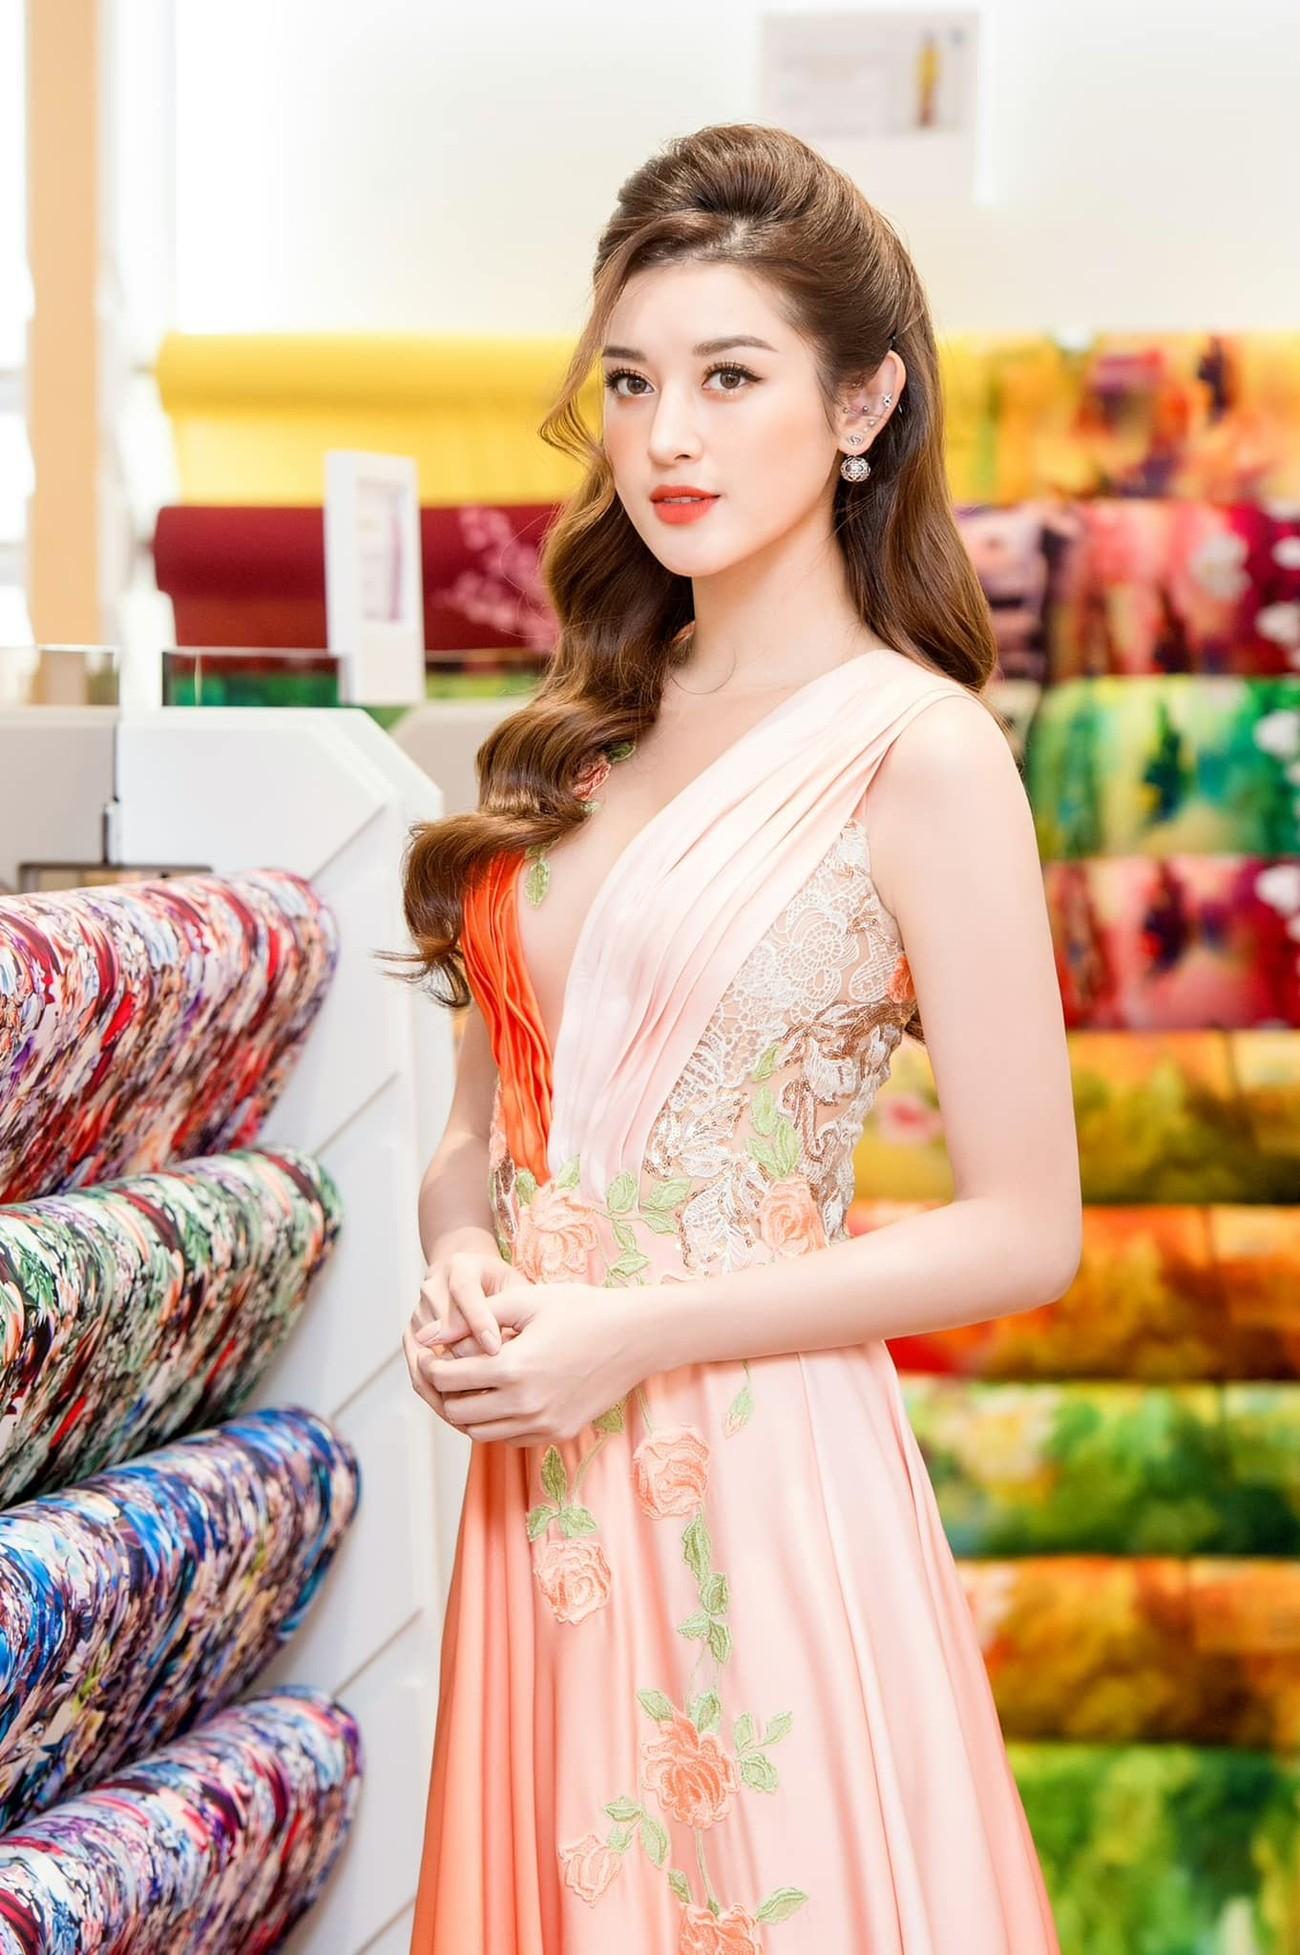 Đỗ Thị Hà mặc sơ-mi trắng giản dị xinh đẹp, Đặng Thu Thảo quyến rũ với váy lệch vai ảnh 8